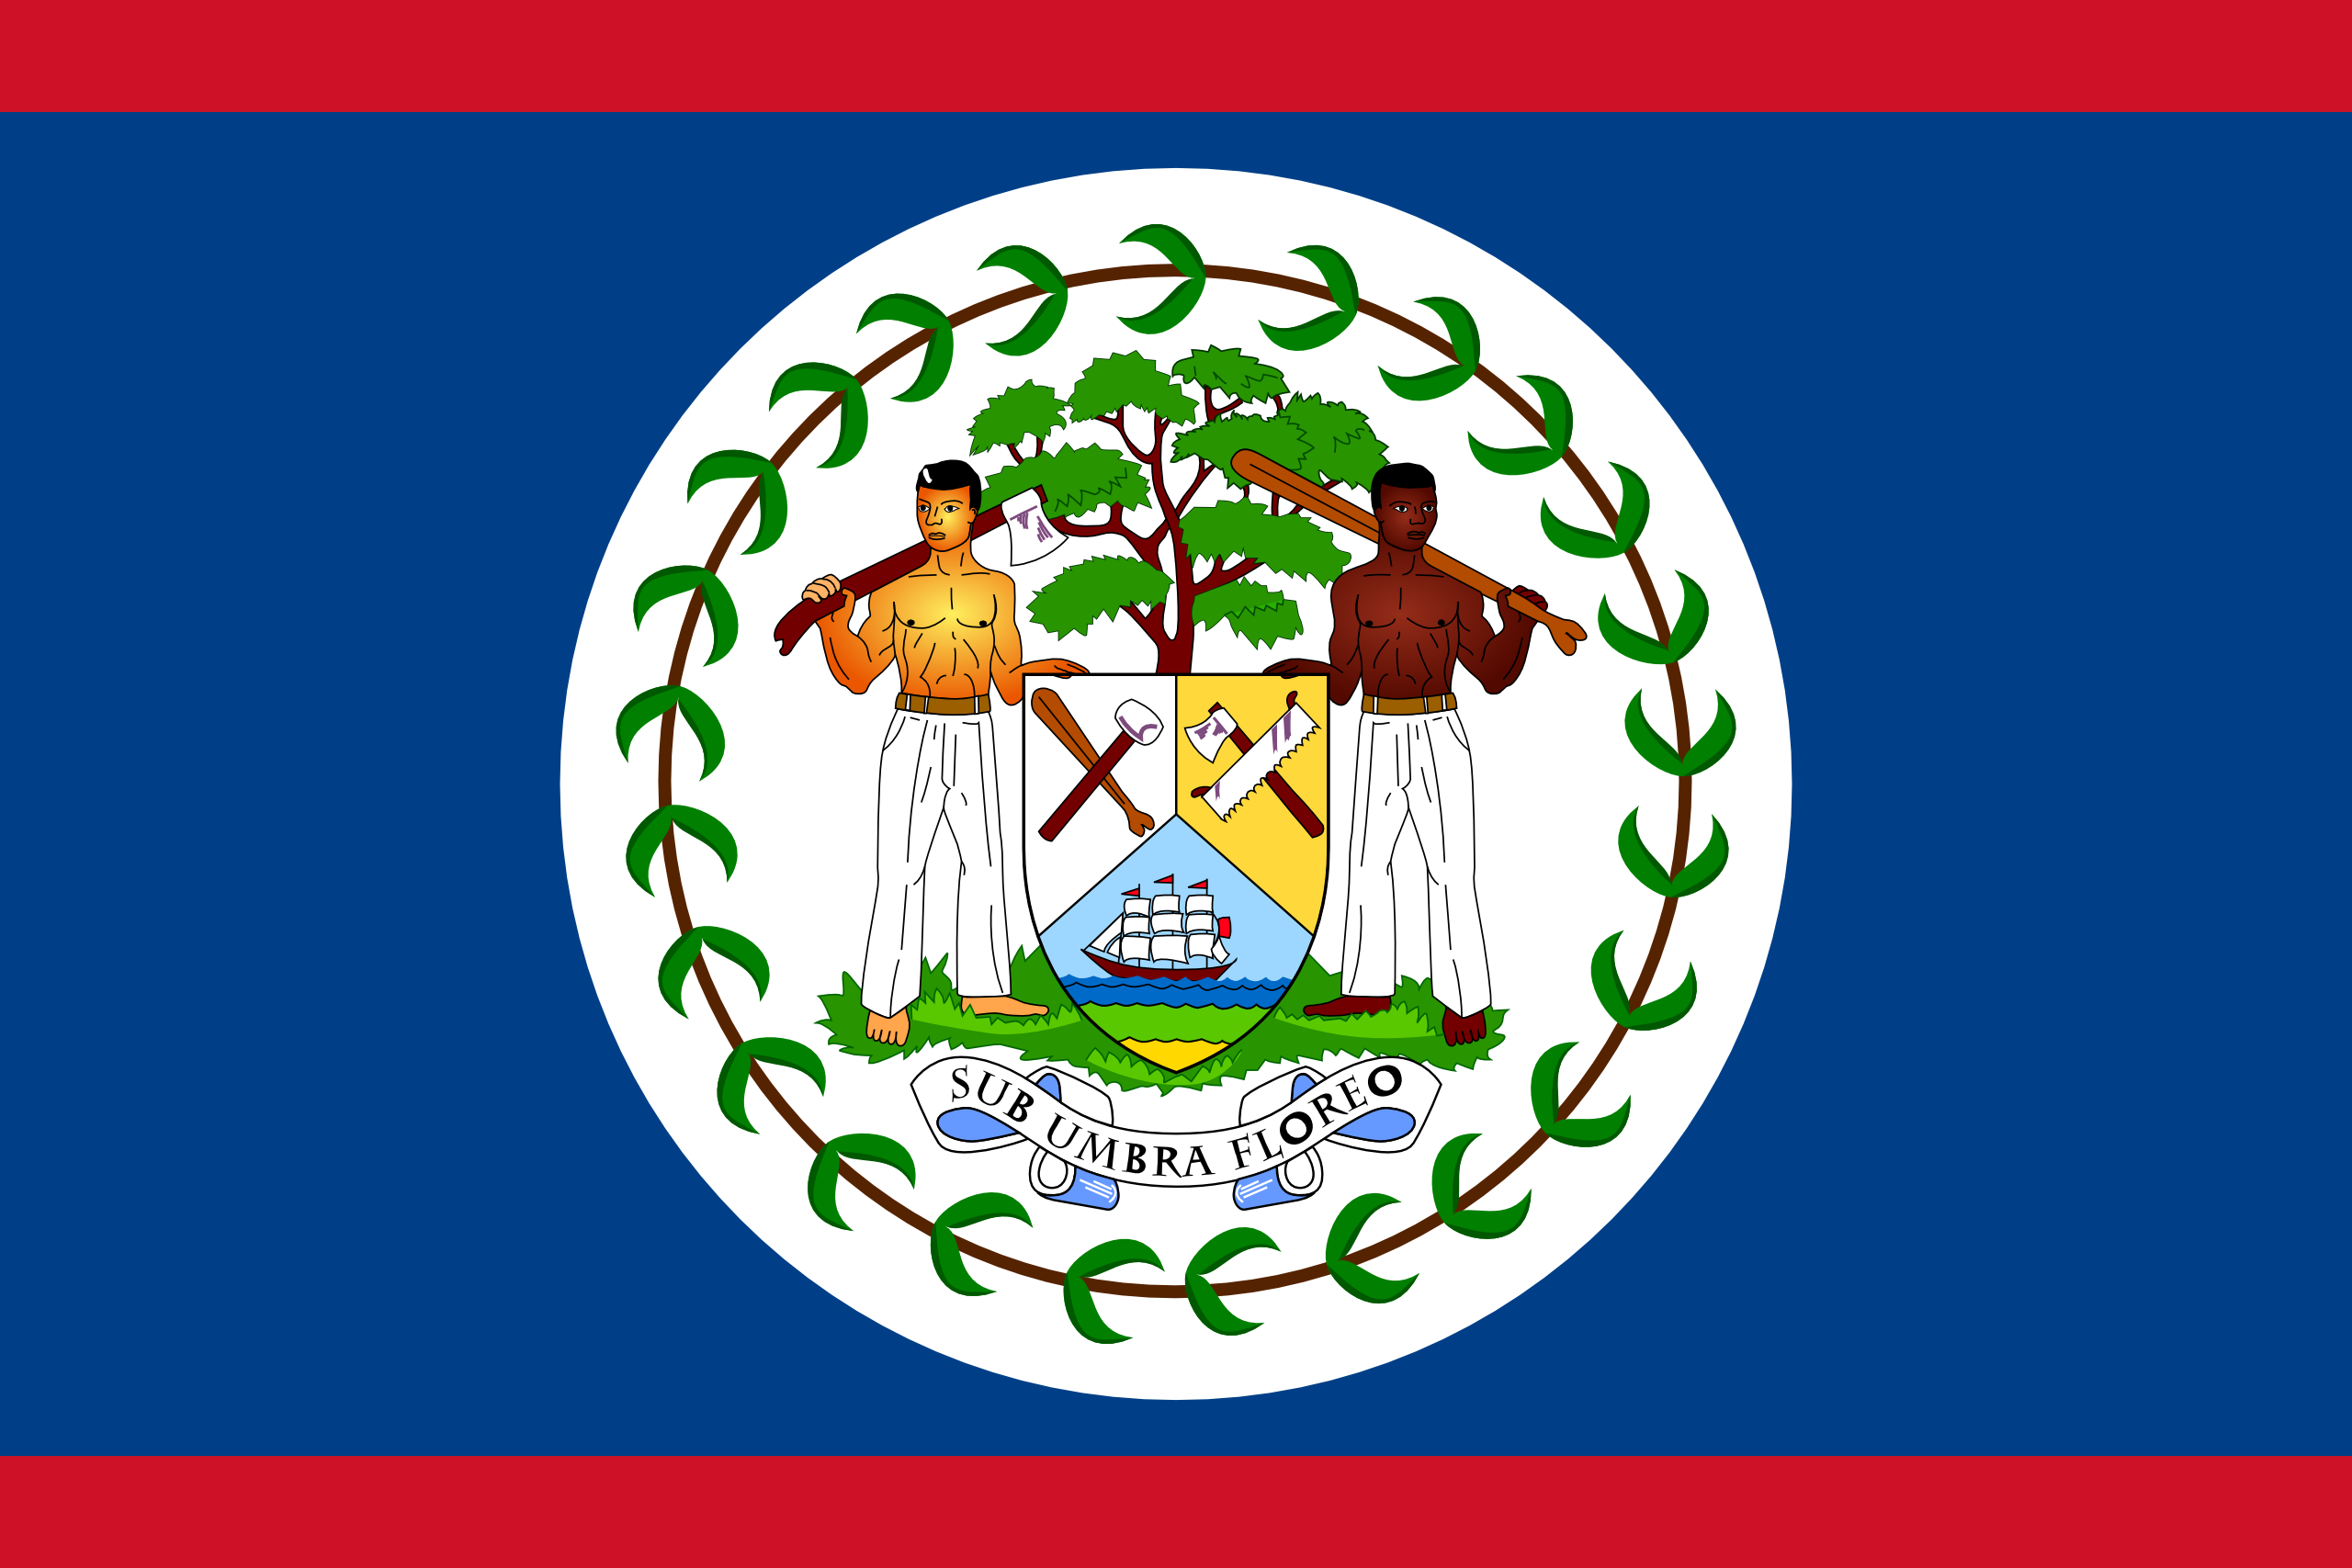 belice, país, emblema, insignia, シンボル - HD の壁紙 - 教授-falken.com